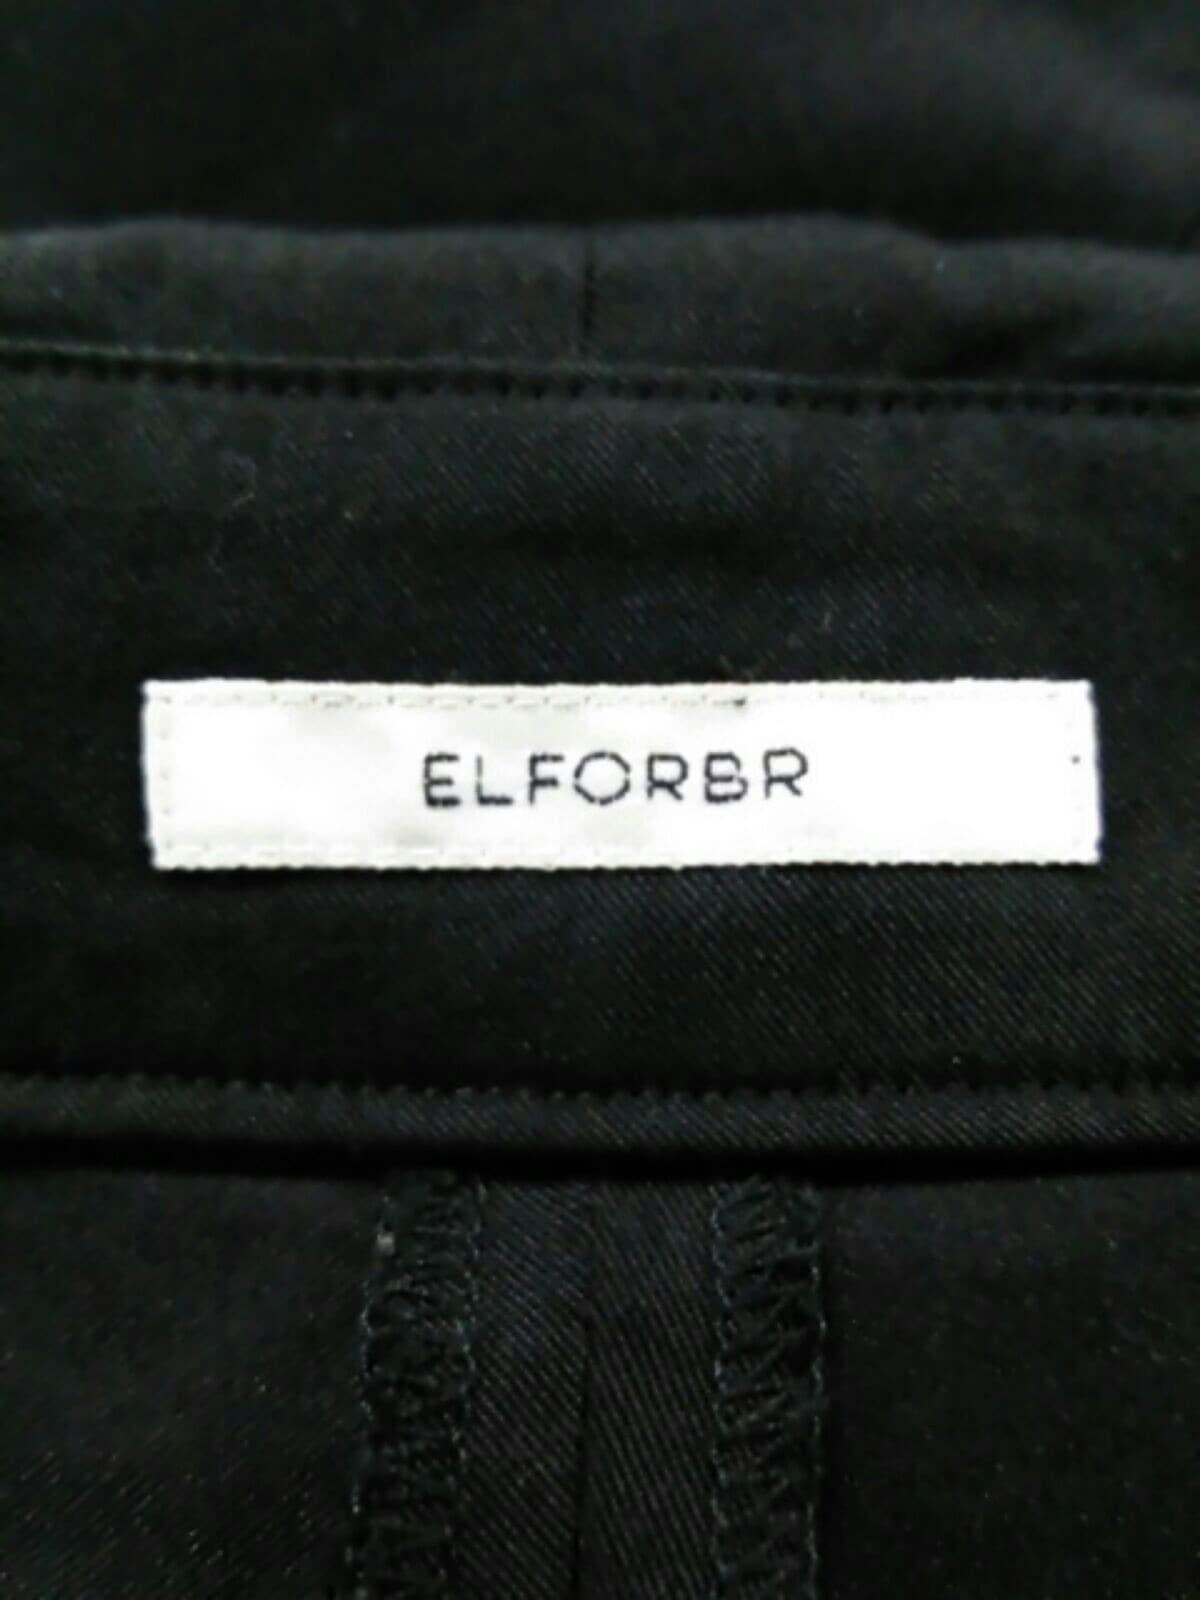 ELFORBR(エルフォーブル)のオールインワン